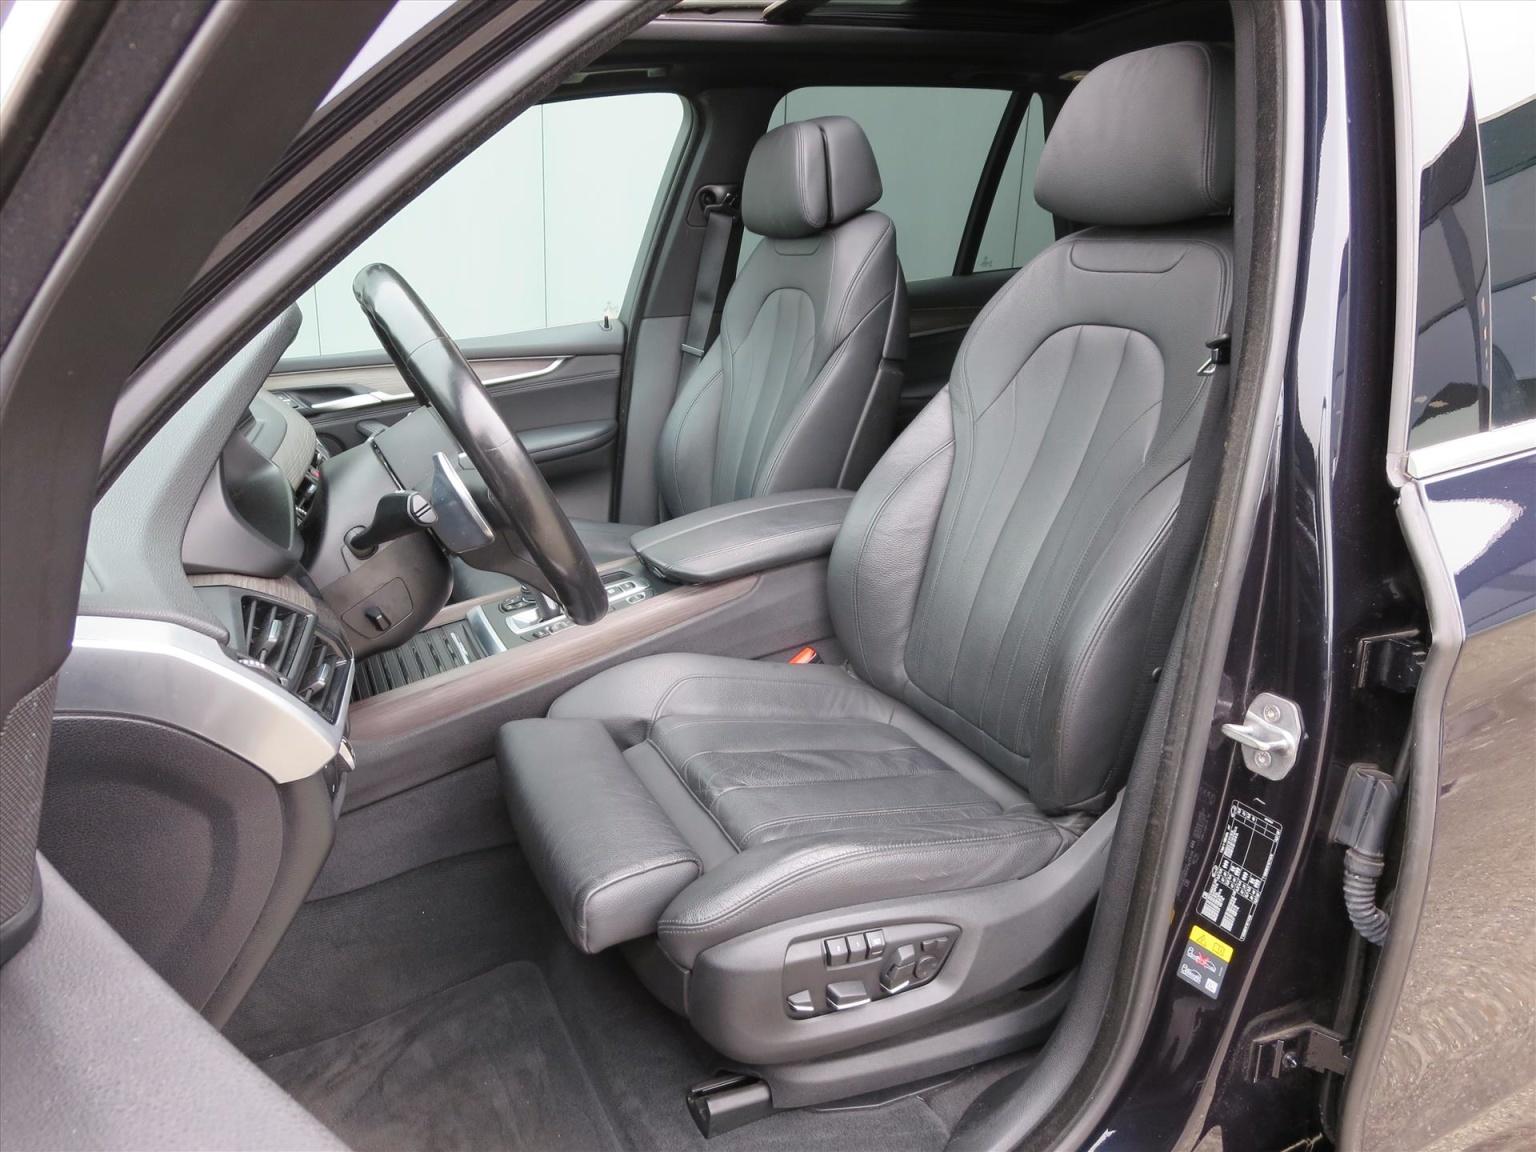 BMW-X5-8